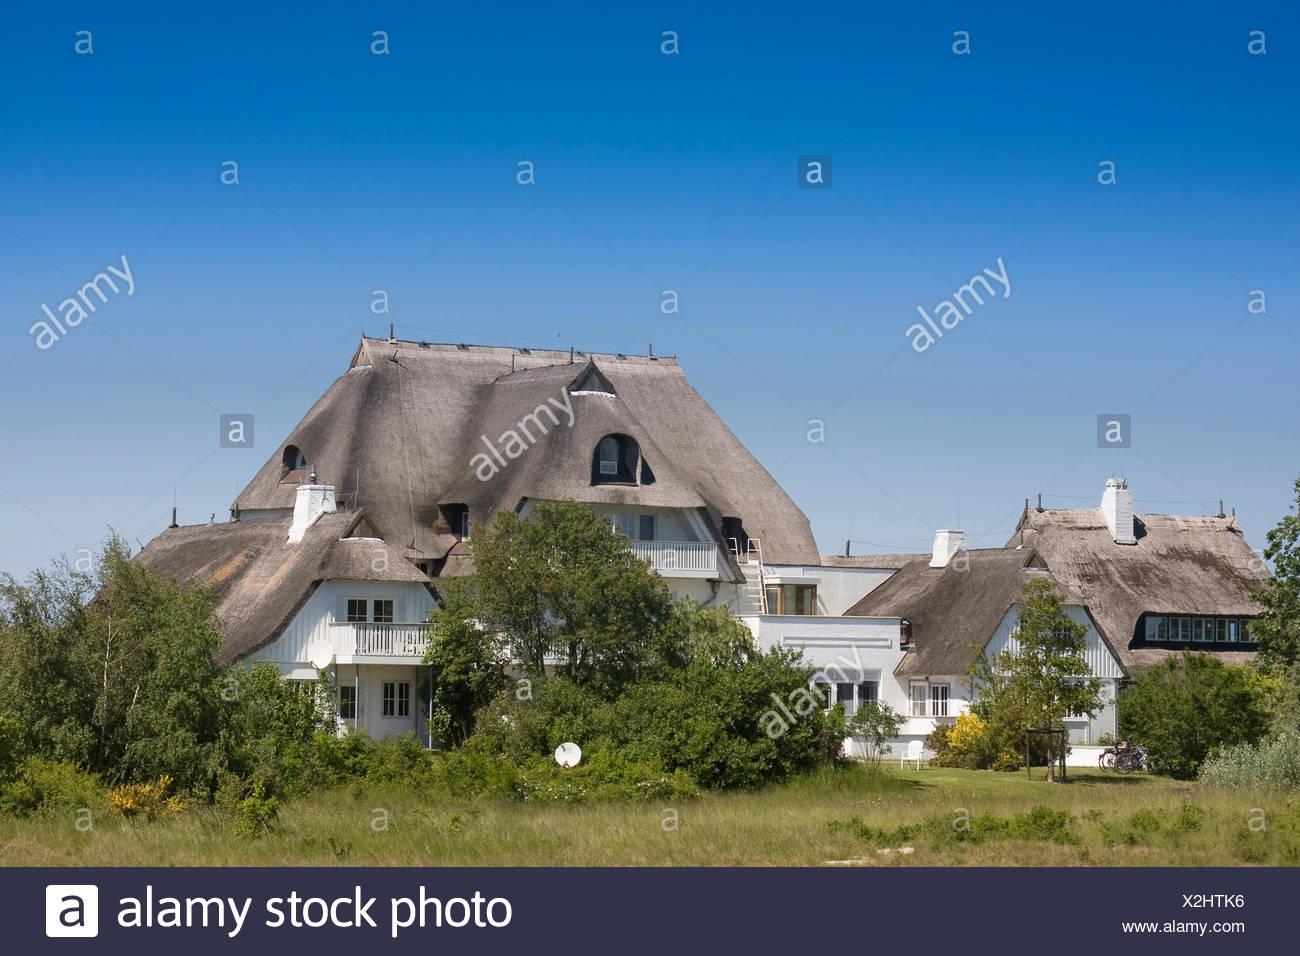 Bay, Bundesrepublik, Dach, Deutsch, Deutschland, Europa, Rahmen ...